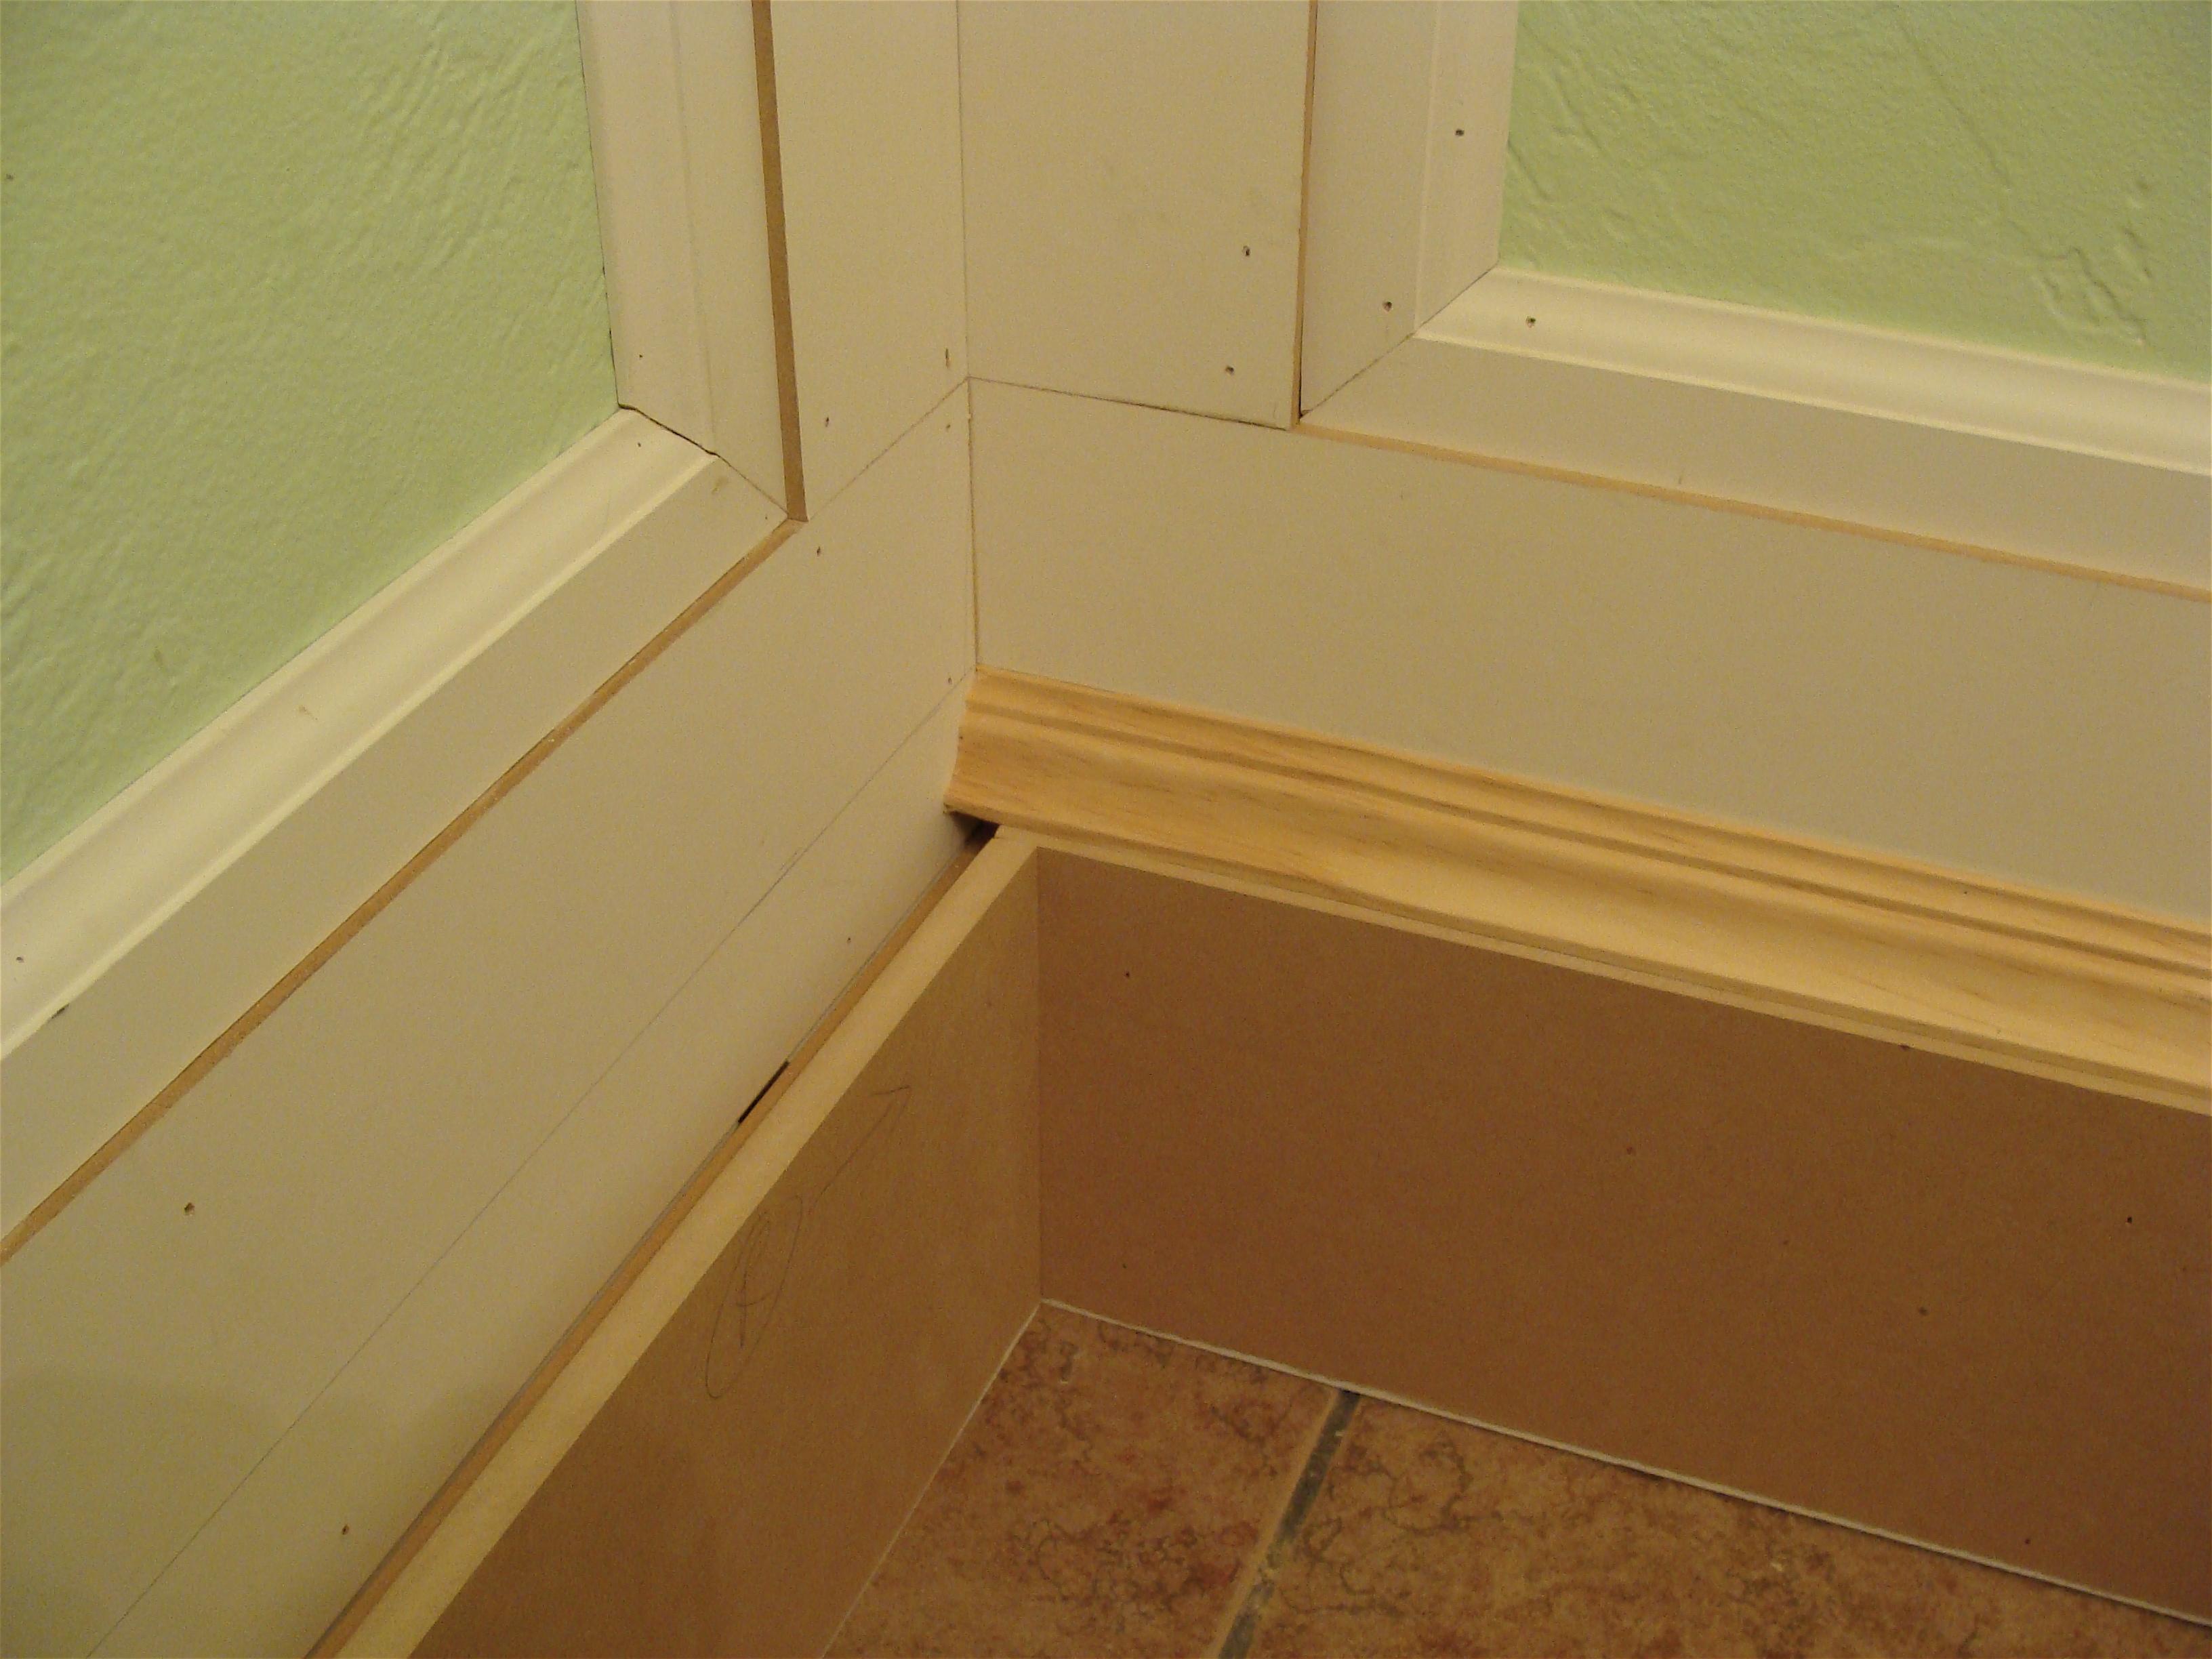 Bathroom baseboard trim 28 images shocking baseboard for Baseboard ideas for bathroom